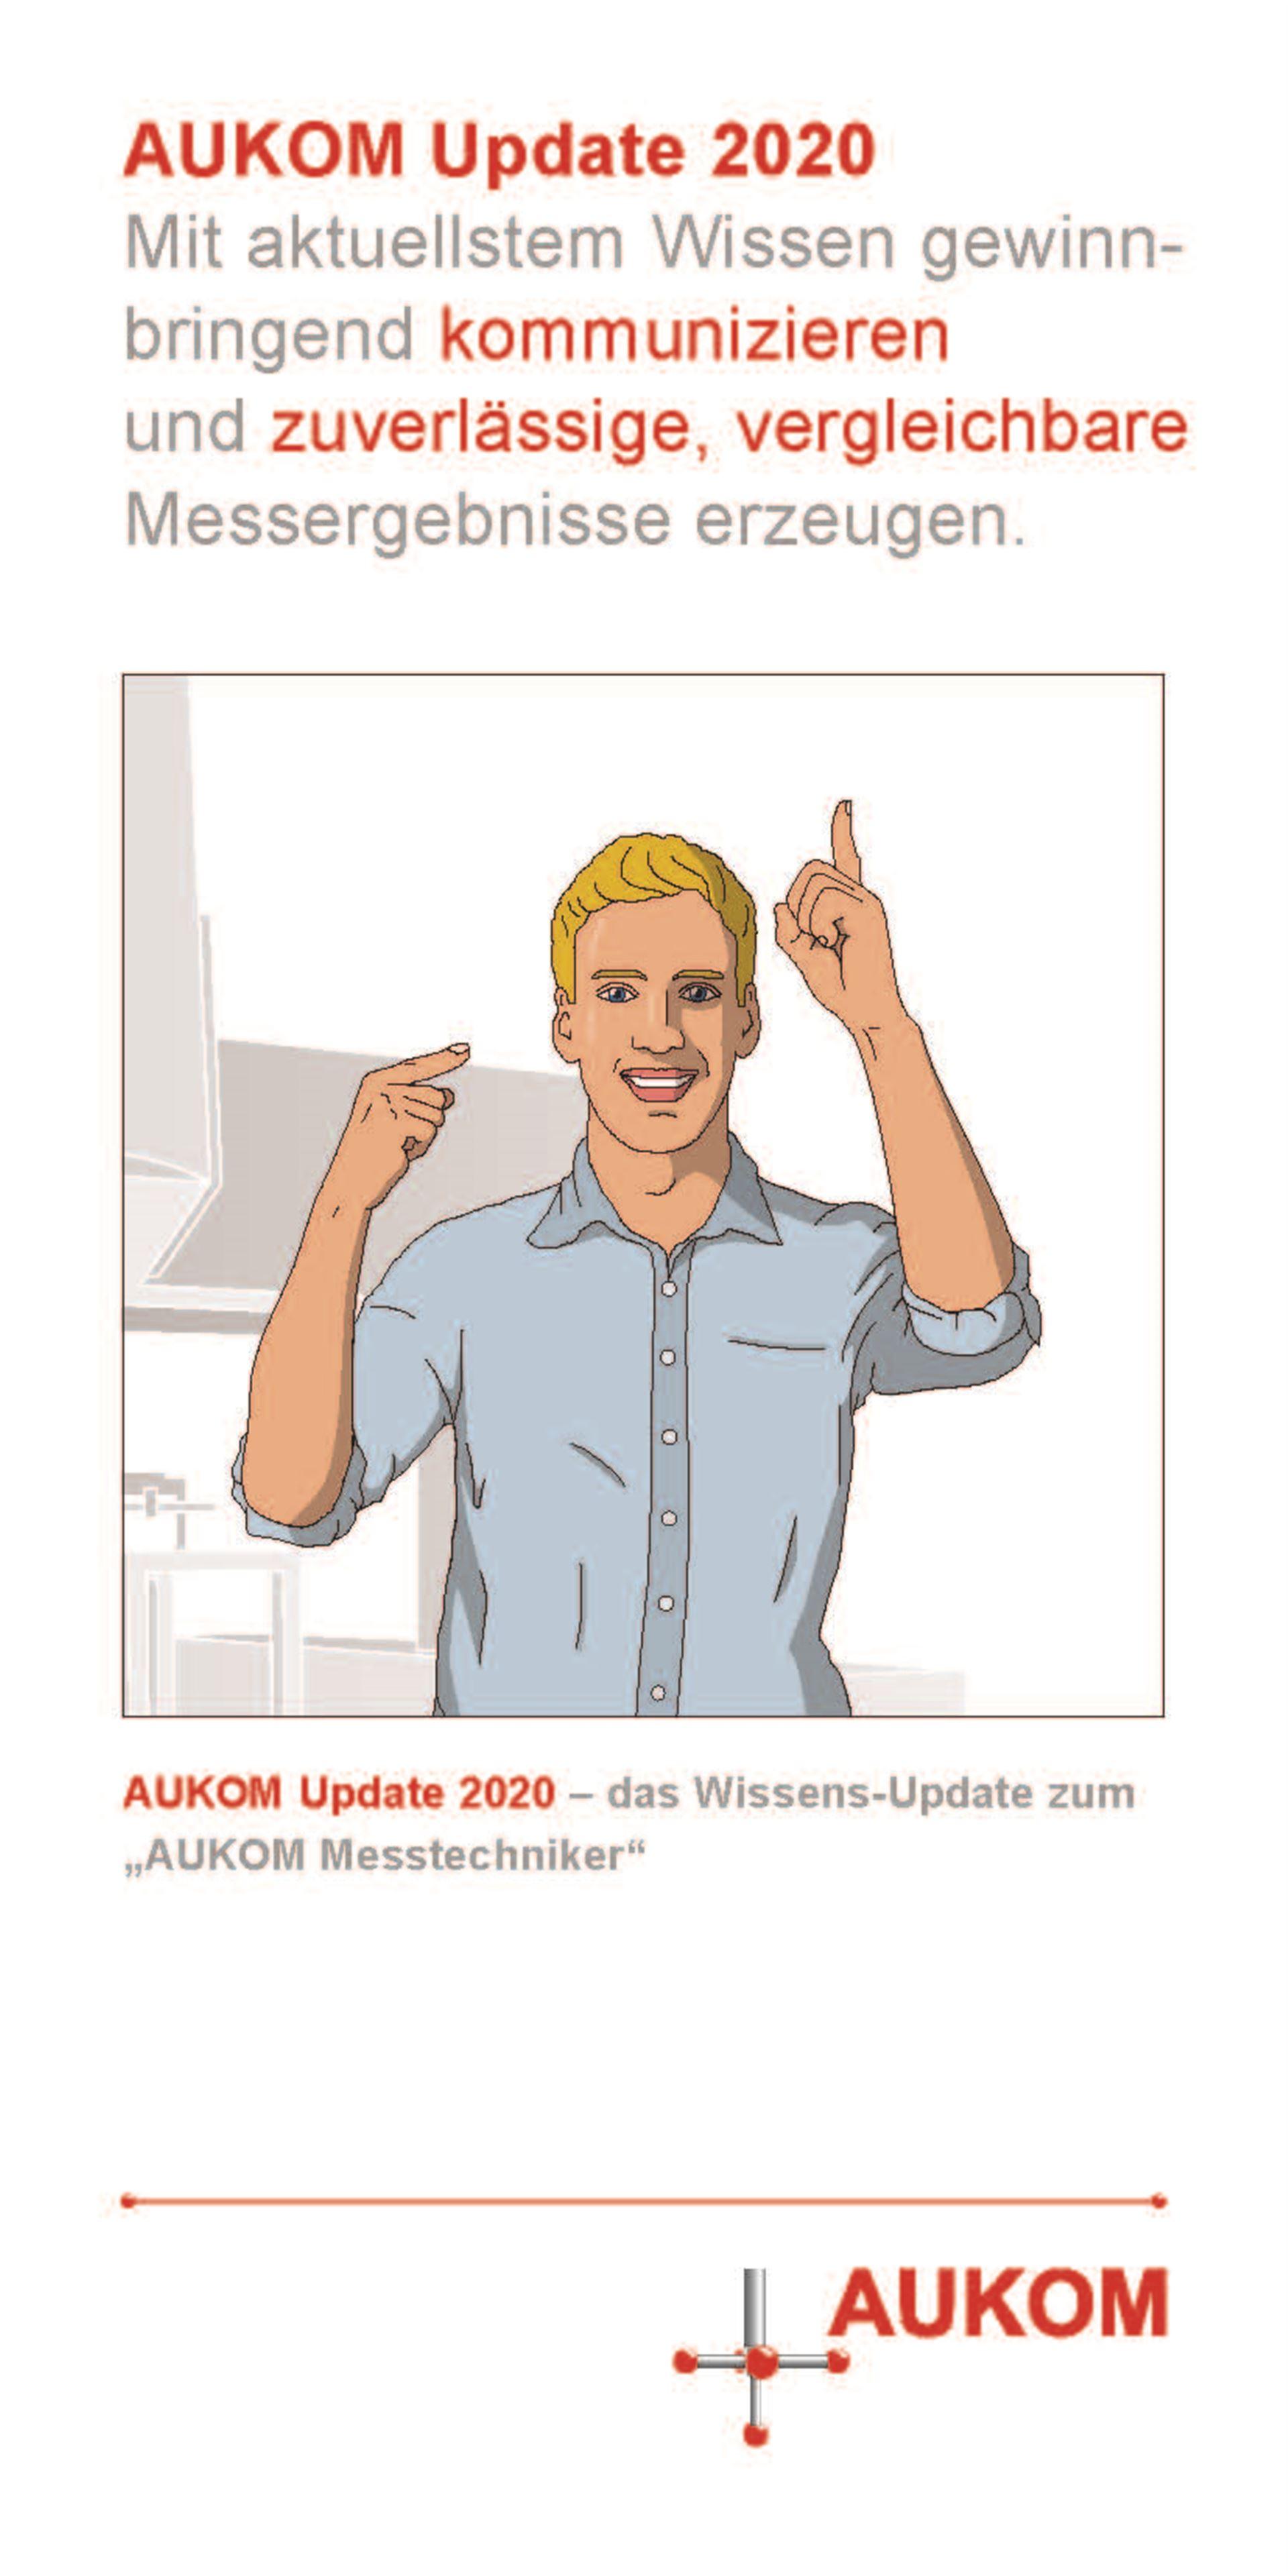 AUKOM Update 2020